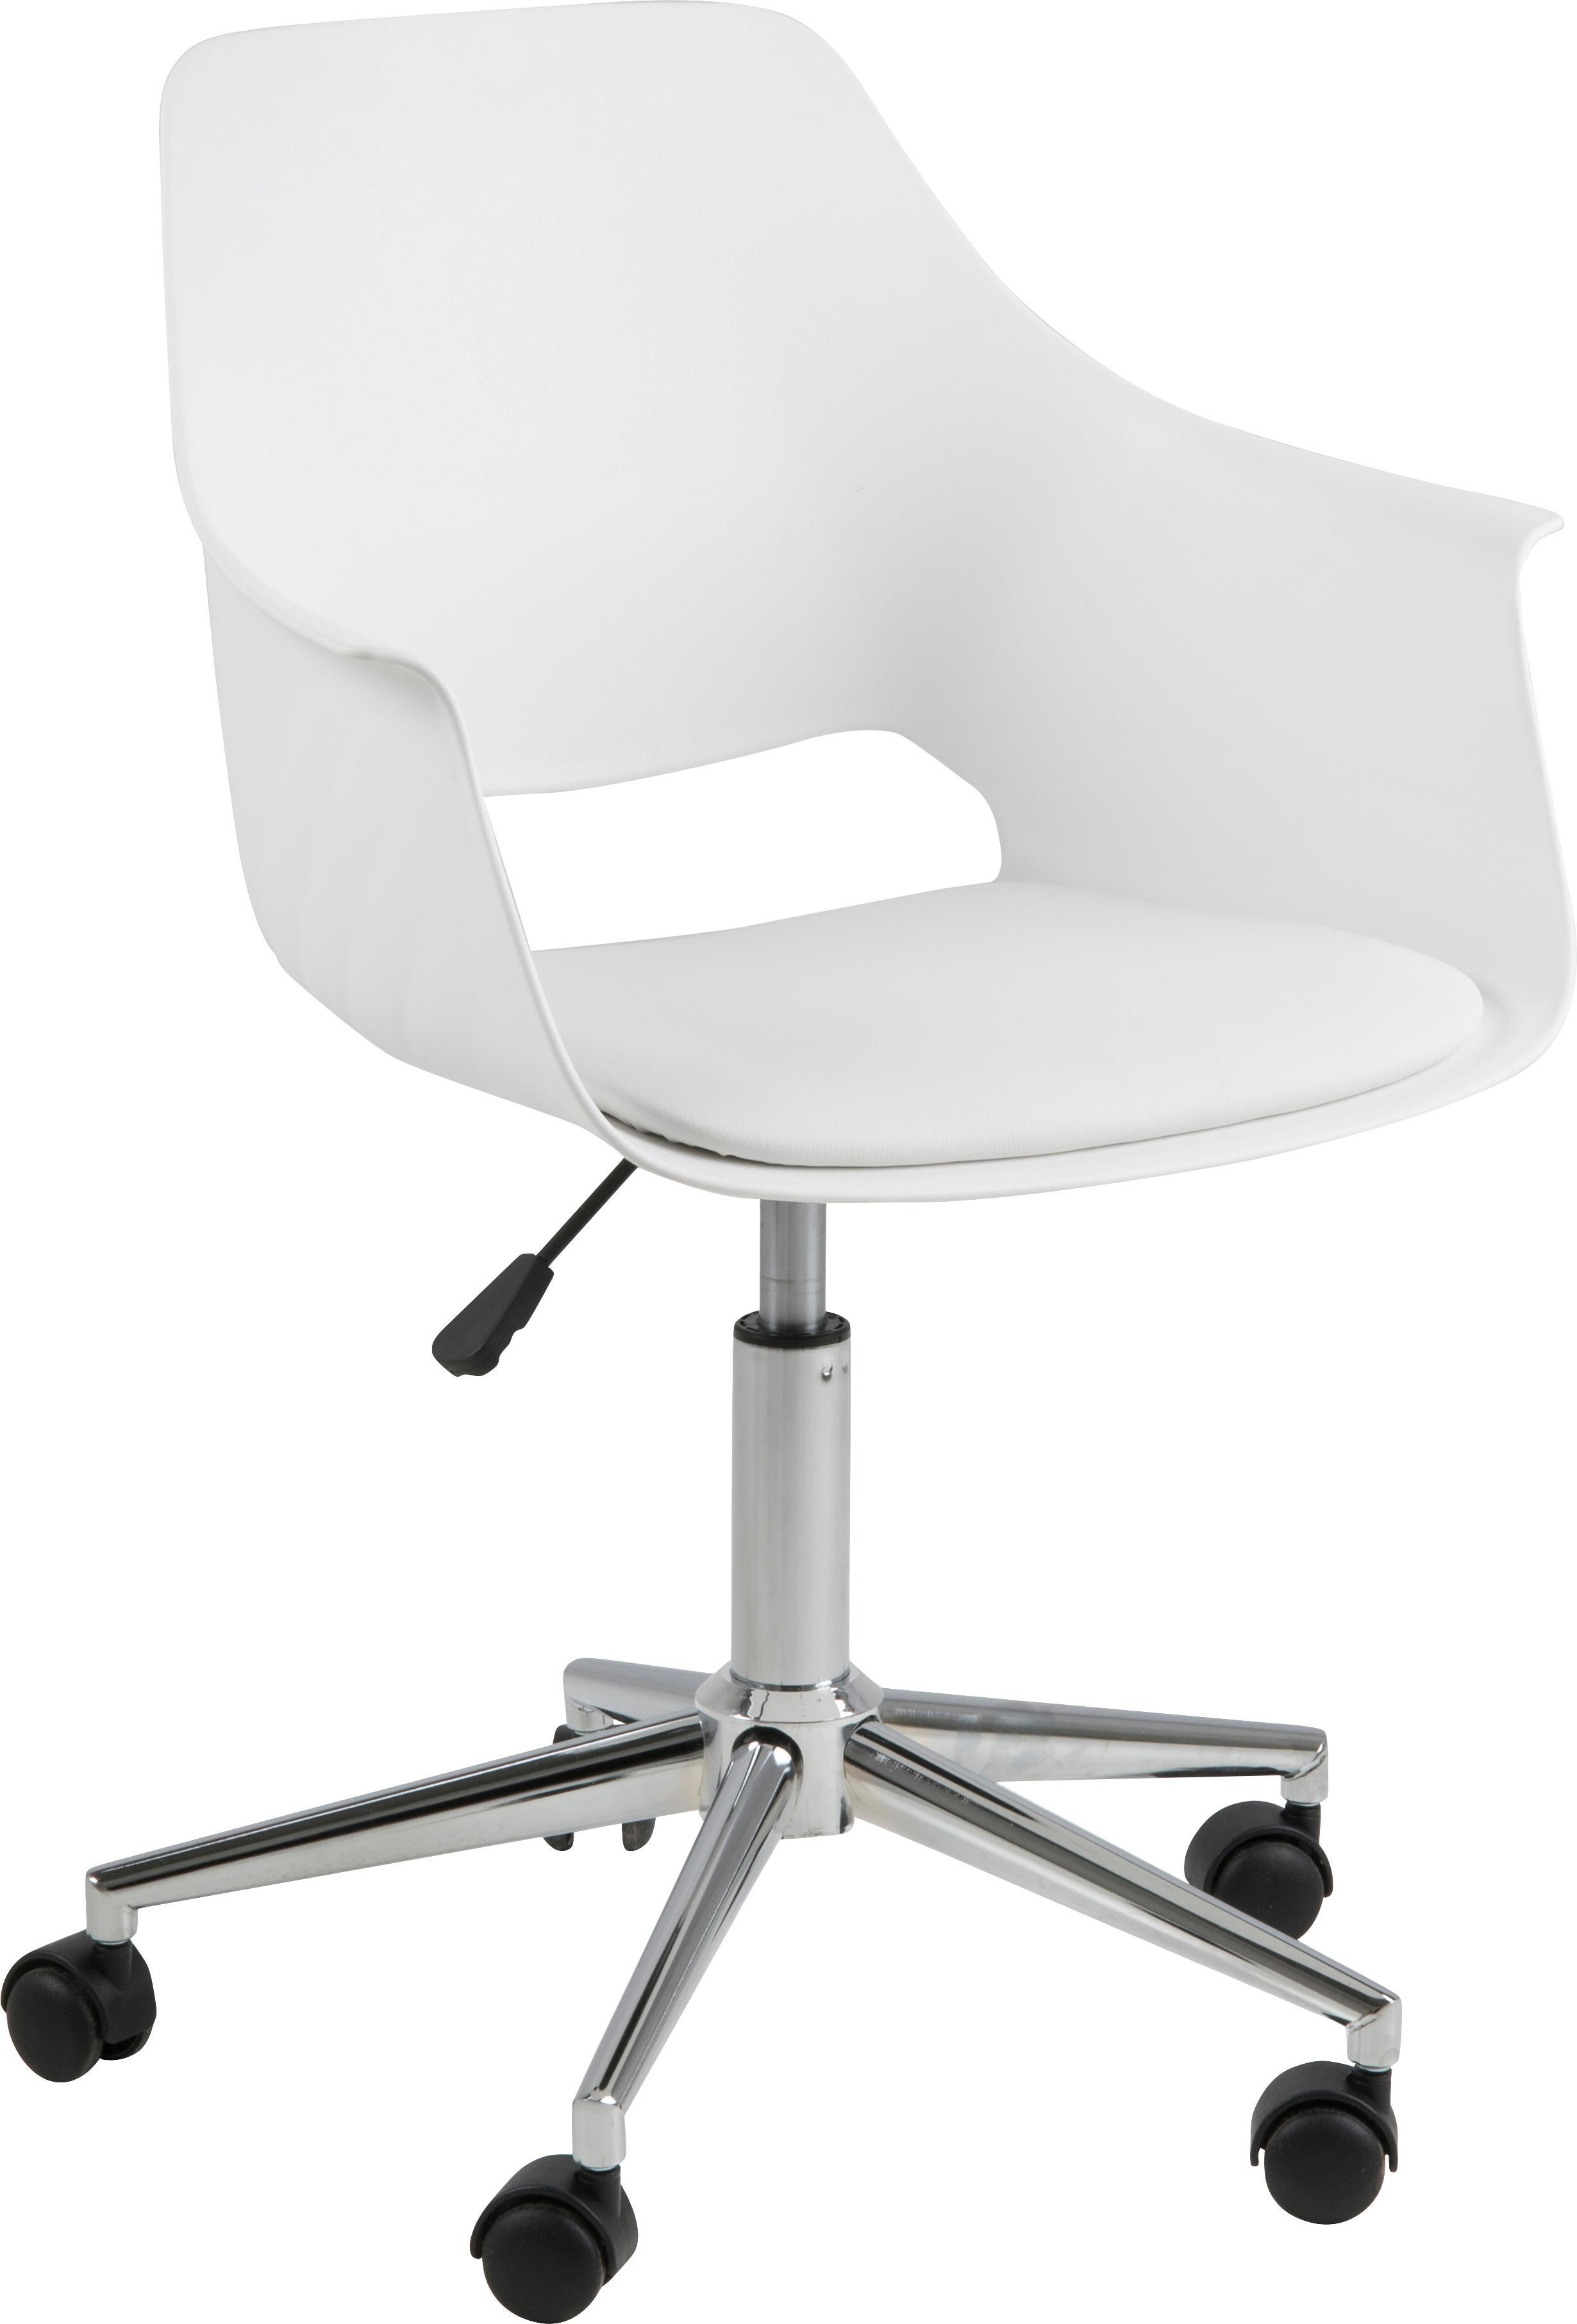 Bureaustoel Ramona, in hoogte verstelbaar, Bekleding: kunstleer (polyurethaan), Poten: verchroomd metaal, Wit, B 57 x D 53 cm